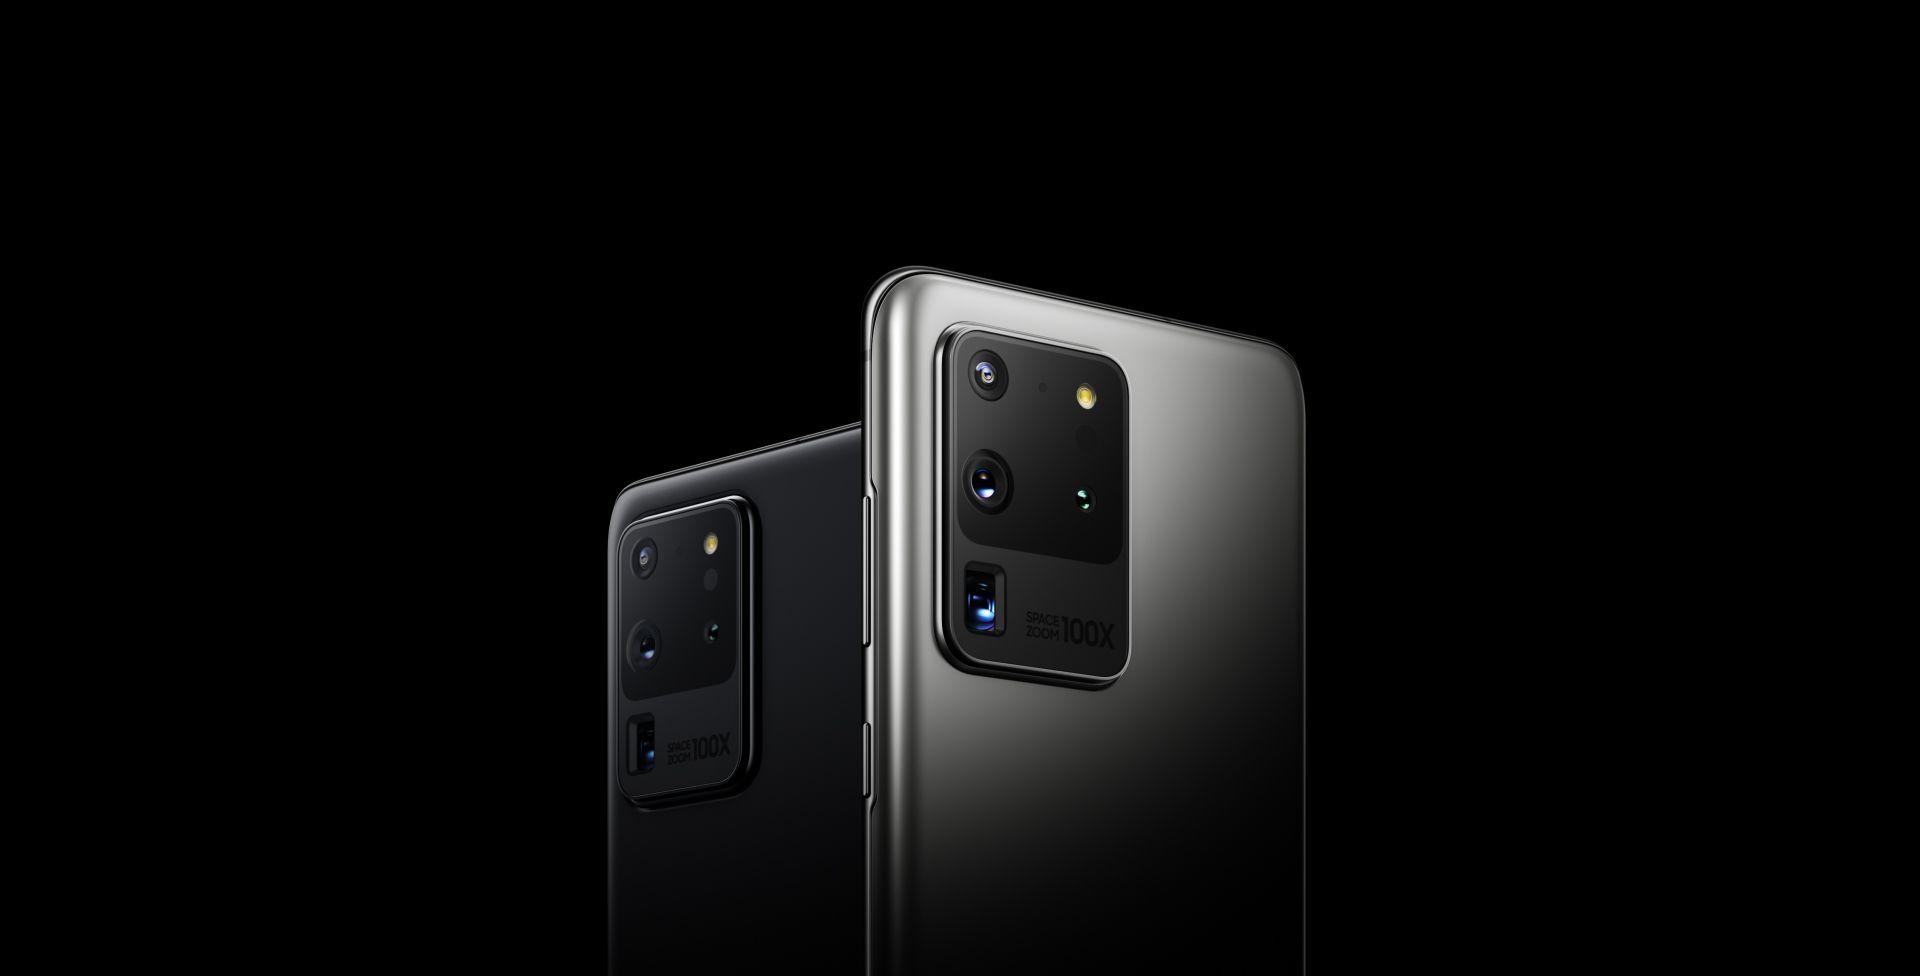 L'offerta Samsung Galaxy S20 Ultra 5G è da non perdere thumbnail